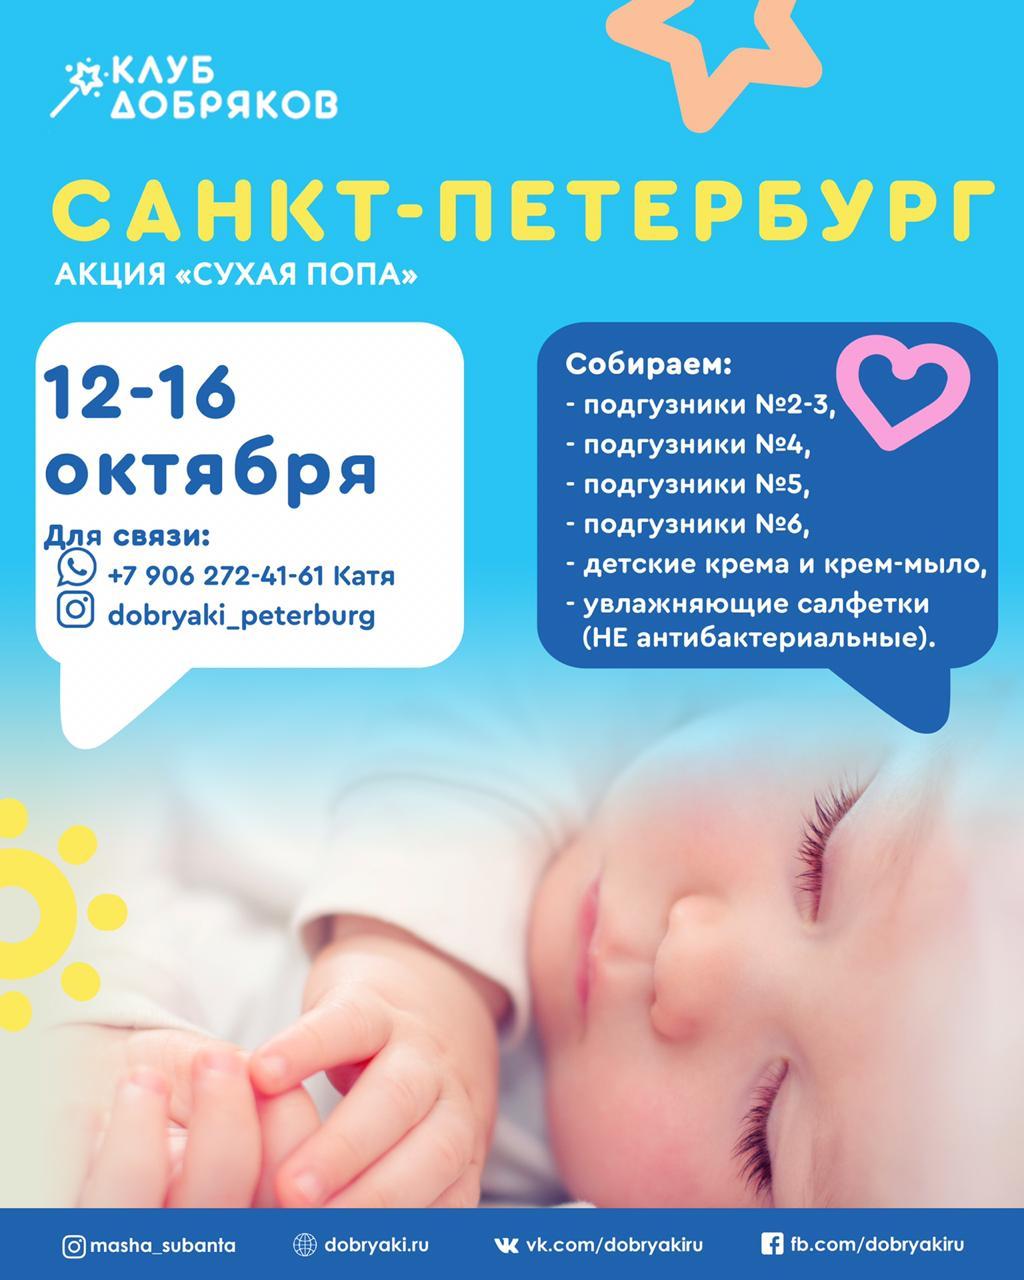 В Санкт-Петербурге пройдет акция «Сухая попа»